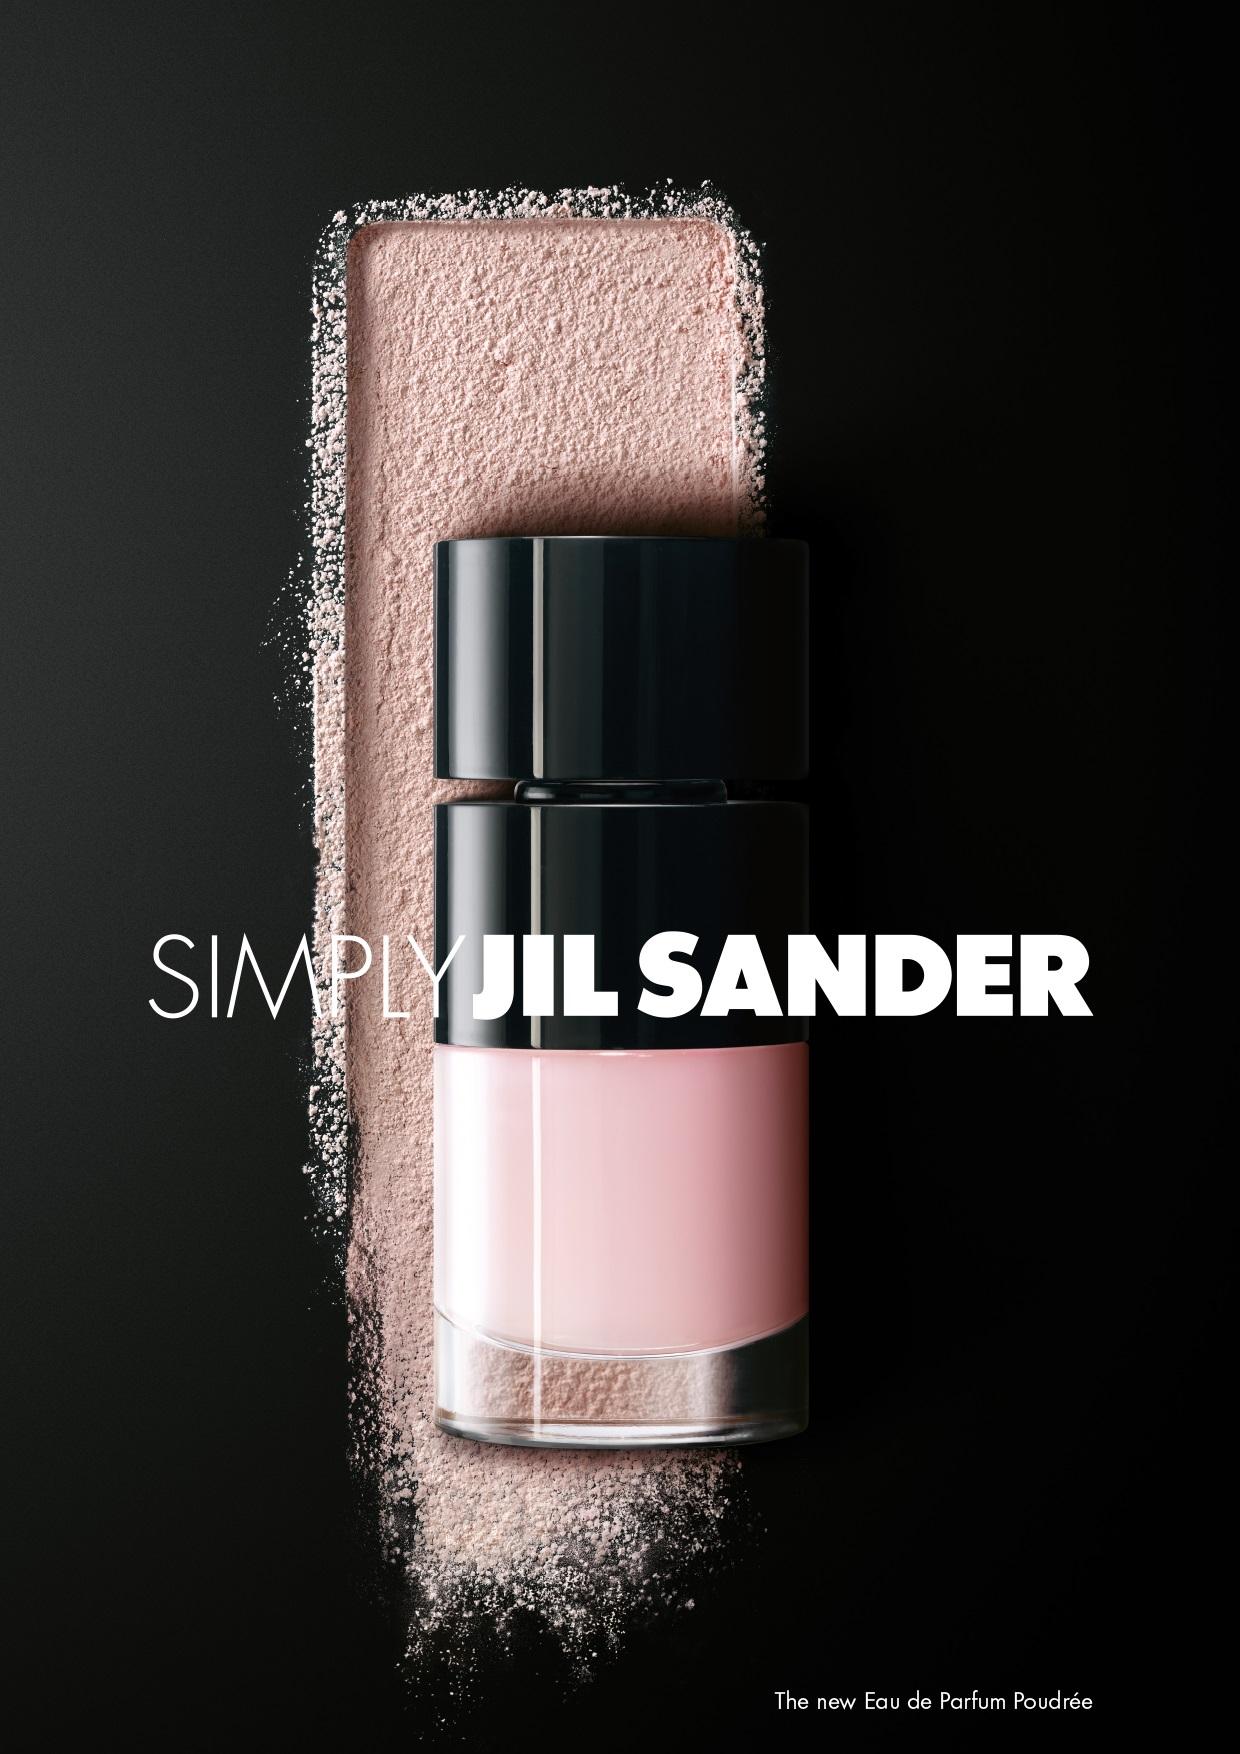 Jil Sander Simply Eau de Parfum Poudrée ~ Duftneuheiten